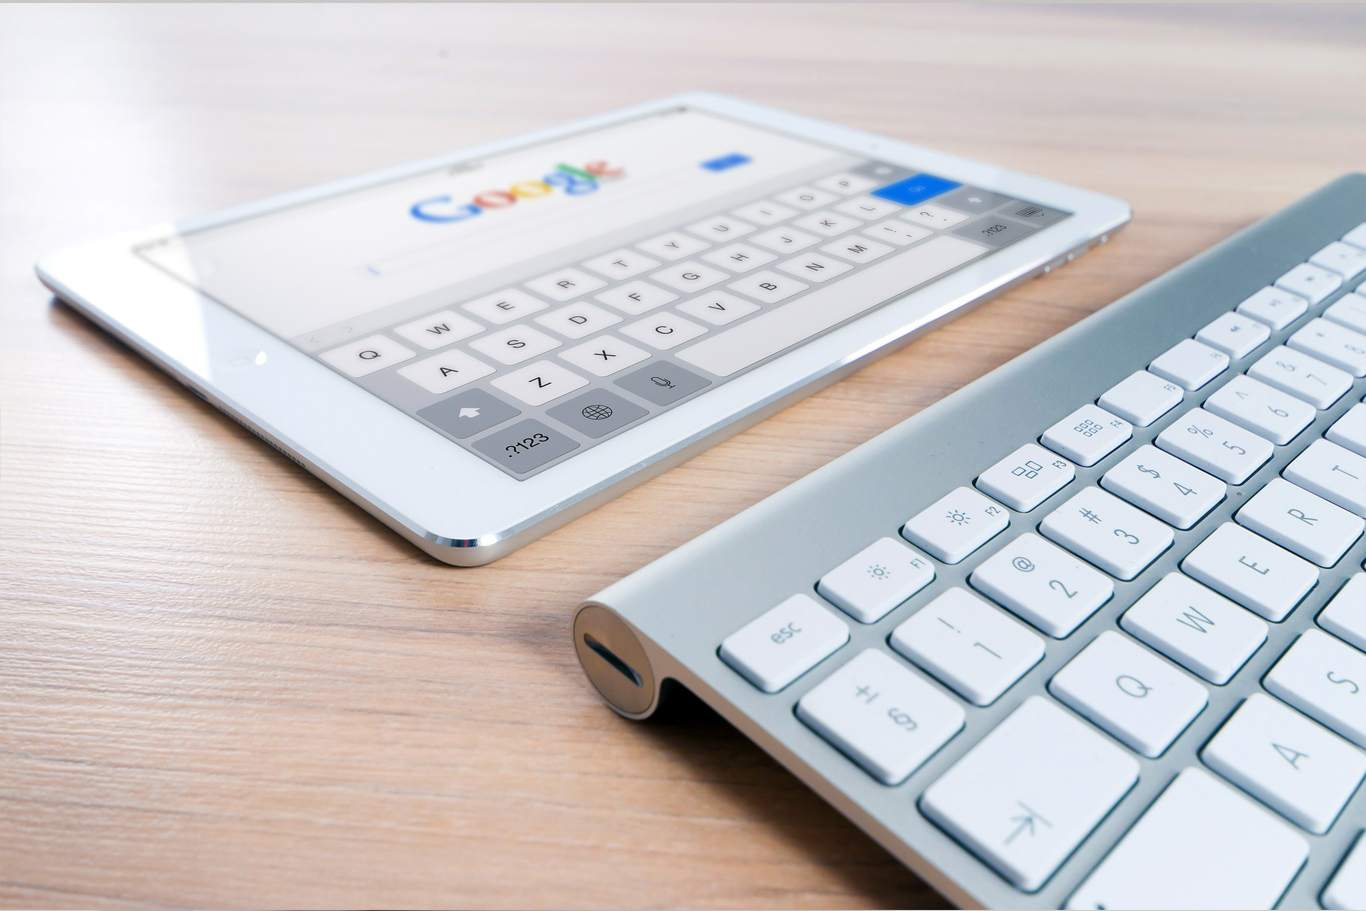 Ürün ve Hizmetleriniz Dijital Pazara Taşıyalım!